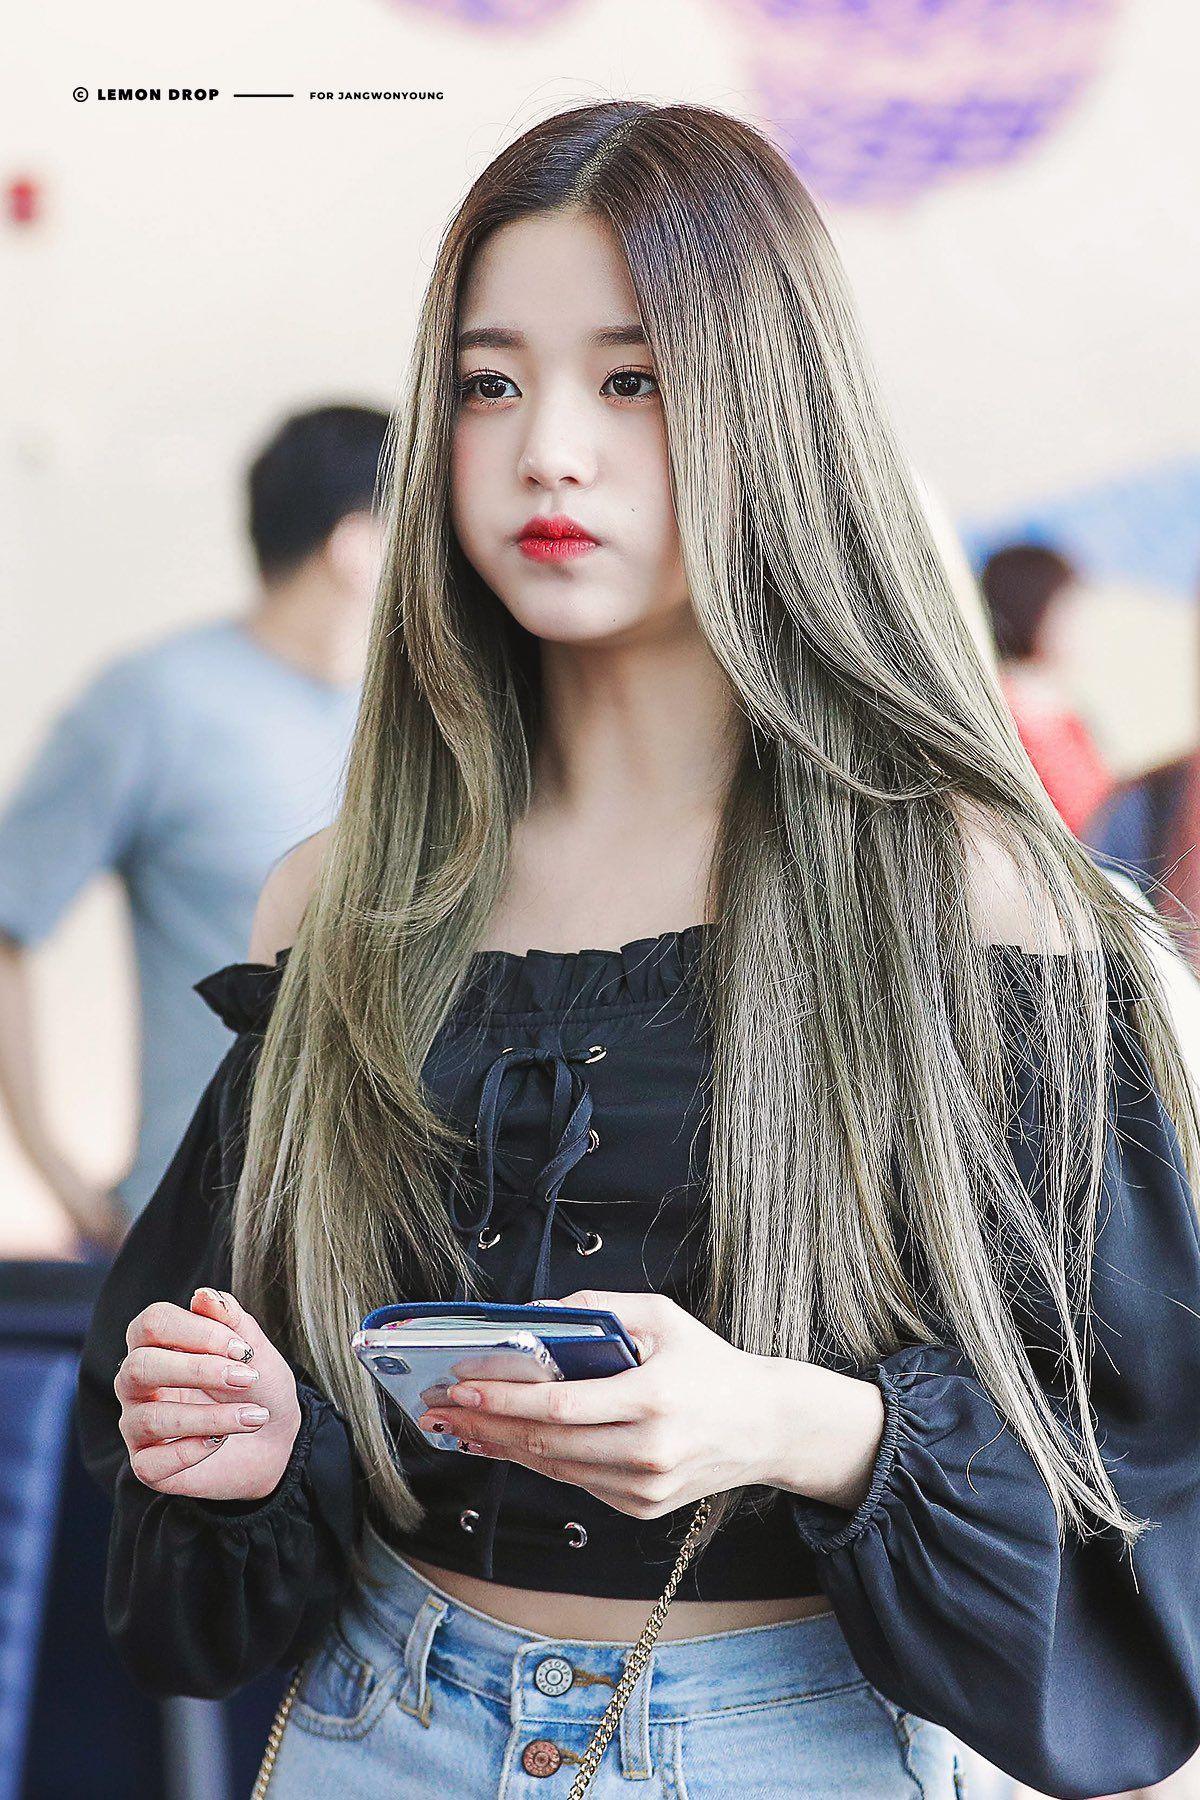 Lemon Drop On Twitter Ulzzang Girl Kpop Girls Ulzzang Korean Girl